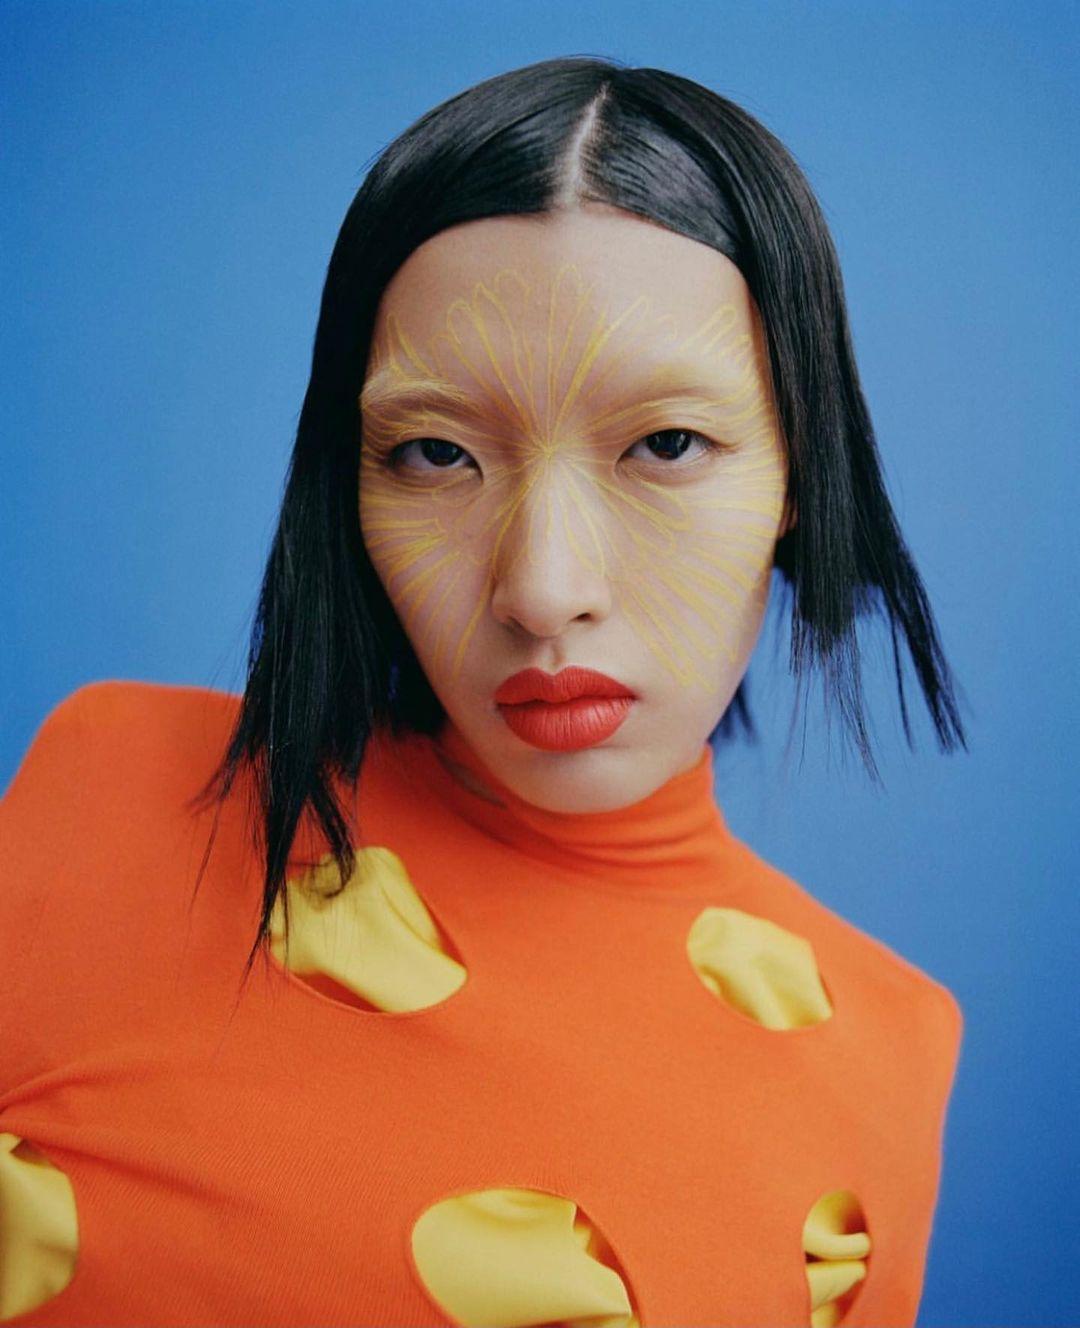 Người mẫu Phương Oanh (tên đầy đủ: Nguyễn Thị Phương Oanh) sinh năm 1999 ở Điện Biên, cao 1,78 m, số đo 78-60-86 cm. Ảnh: Luncheon Magazine